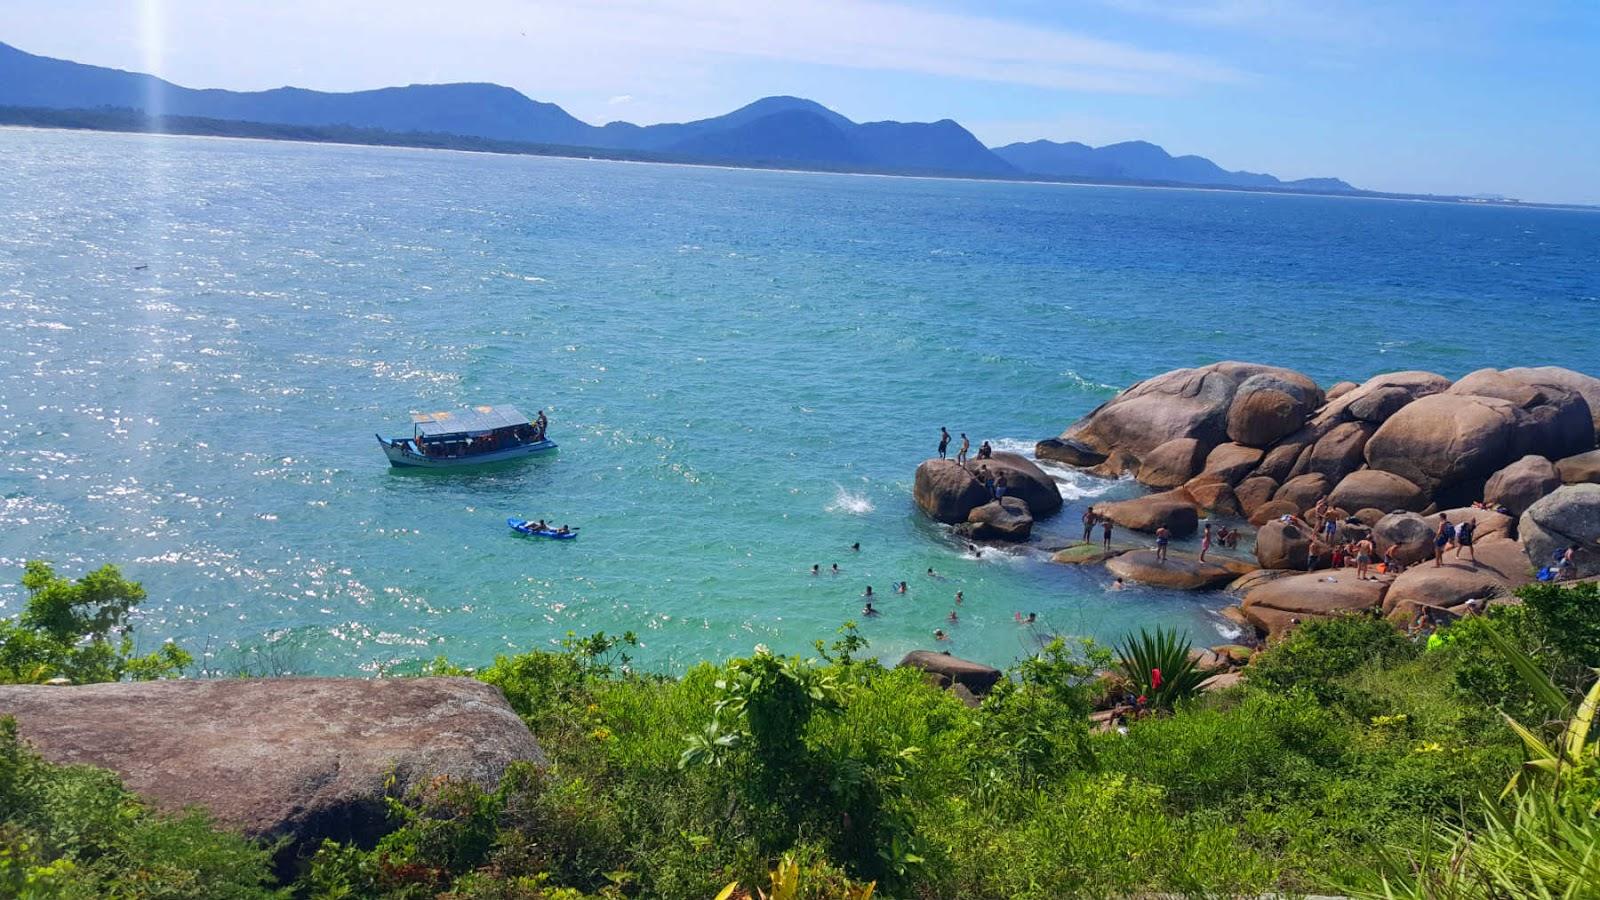 Piscinas Naturais de Barra da Lagoa, Florianópolis.